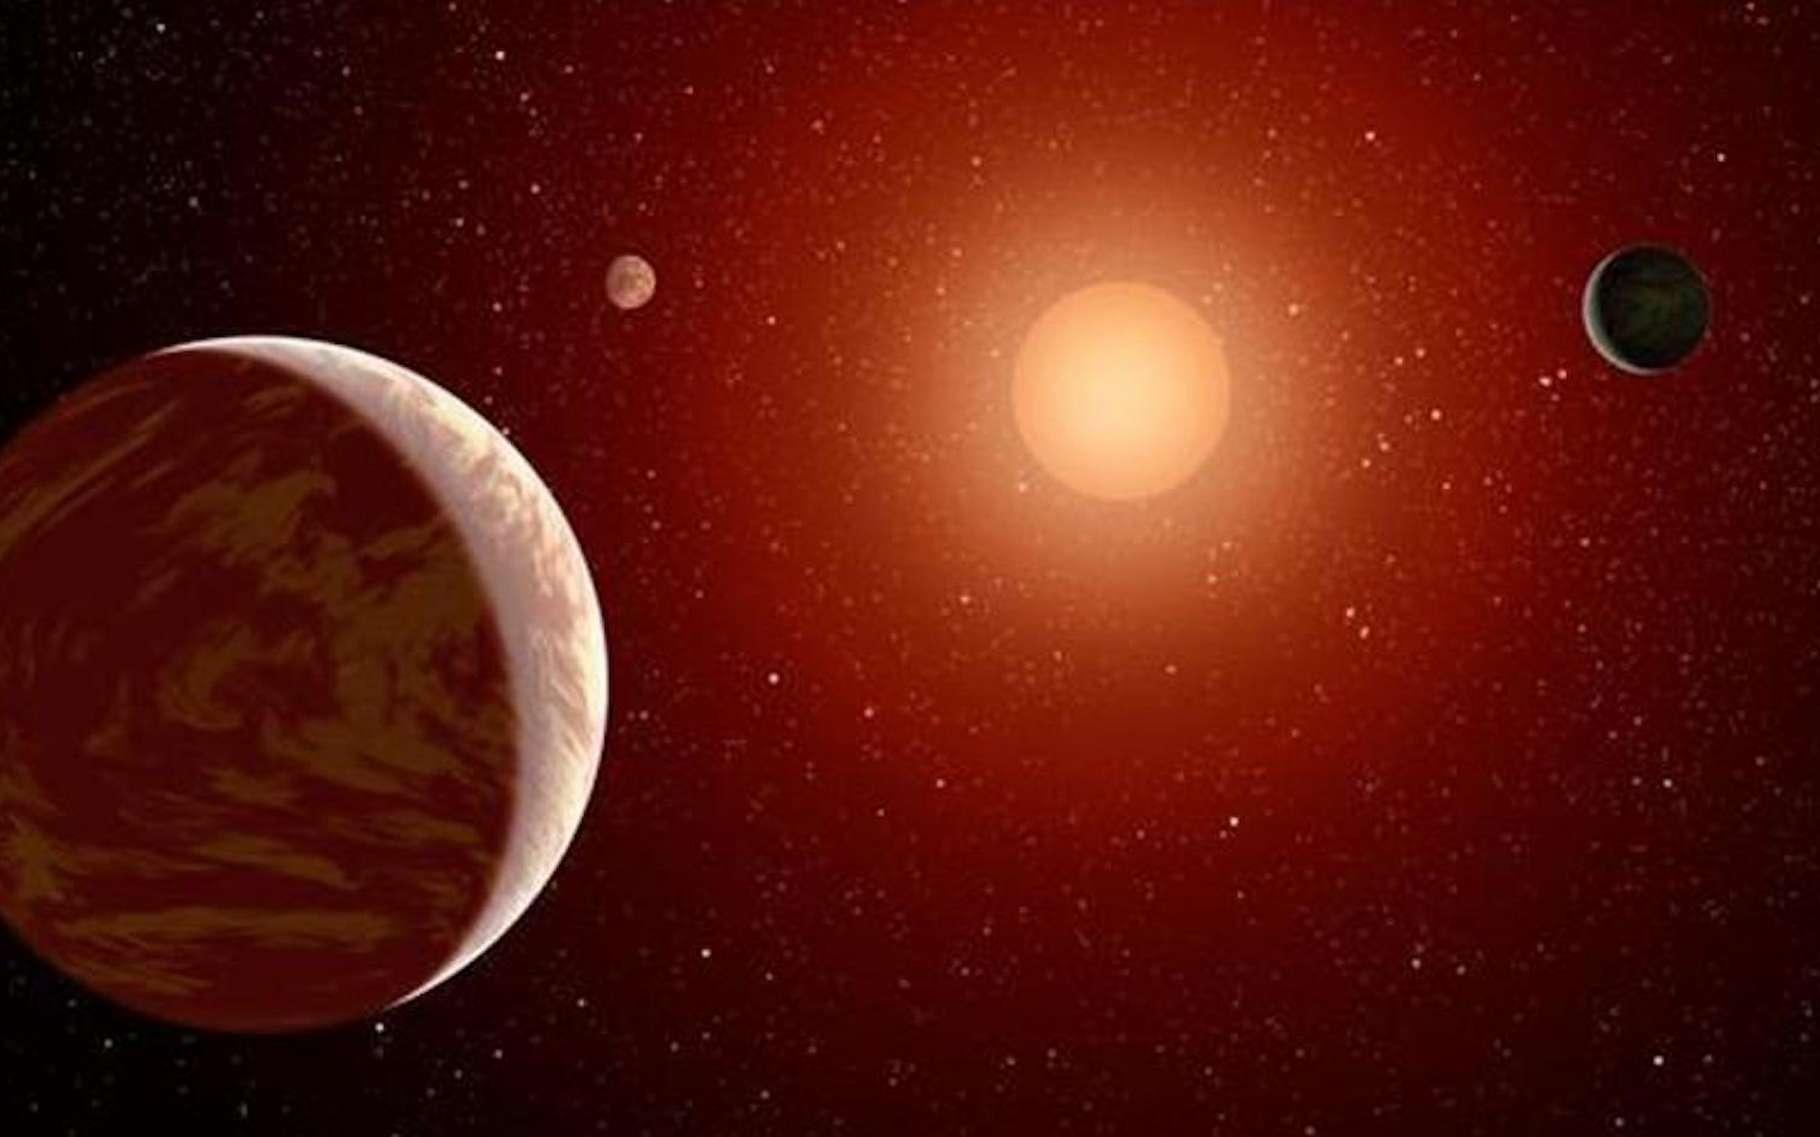 Une simulation informatique montre aux astronomes de l'université du Central Lancashire (UCLan - Royaume-Uni) que des planètes géantes peuvent se former autour d'étoiles naines rouges en un temps record. Ici, une vue d'artiste d'une naine rouge entourée de trois planètes. © Nasa